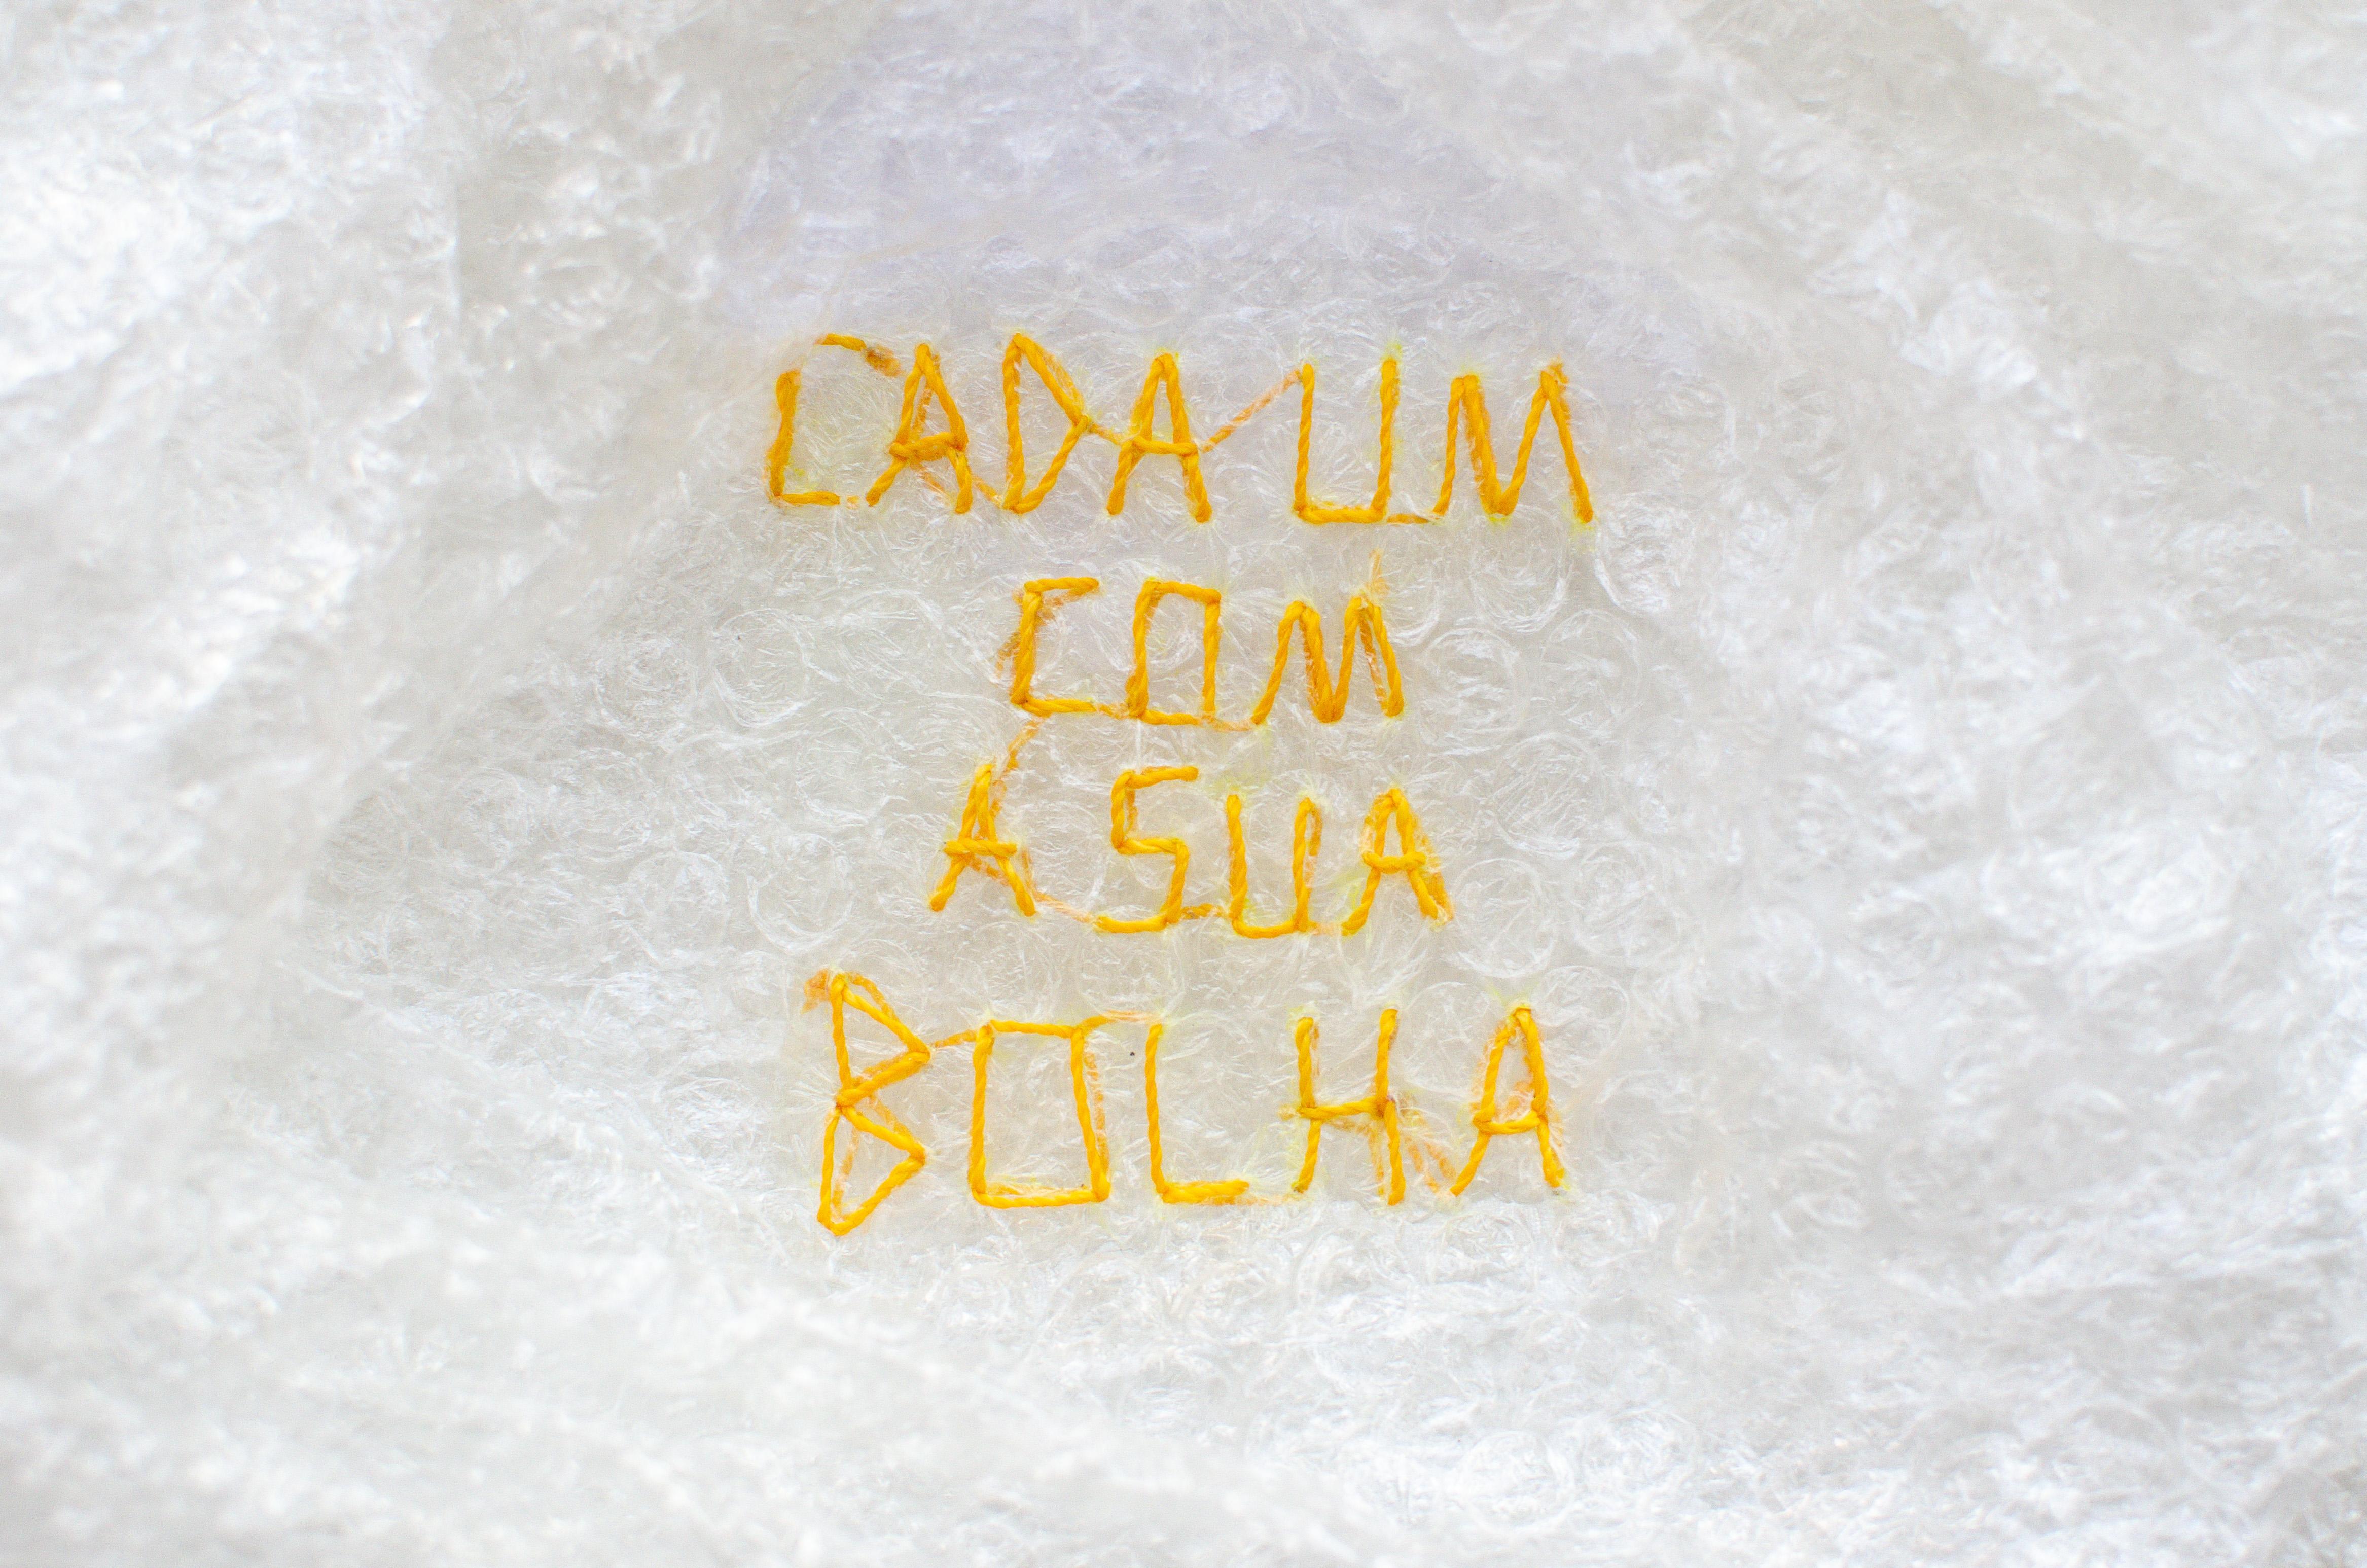 Bolha, 2019